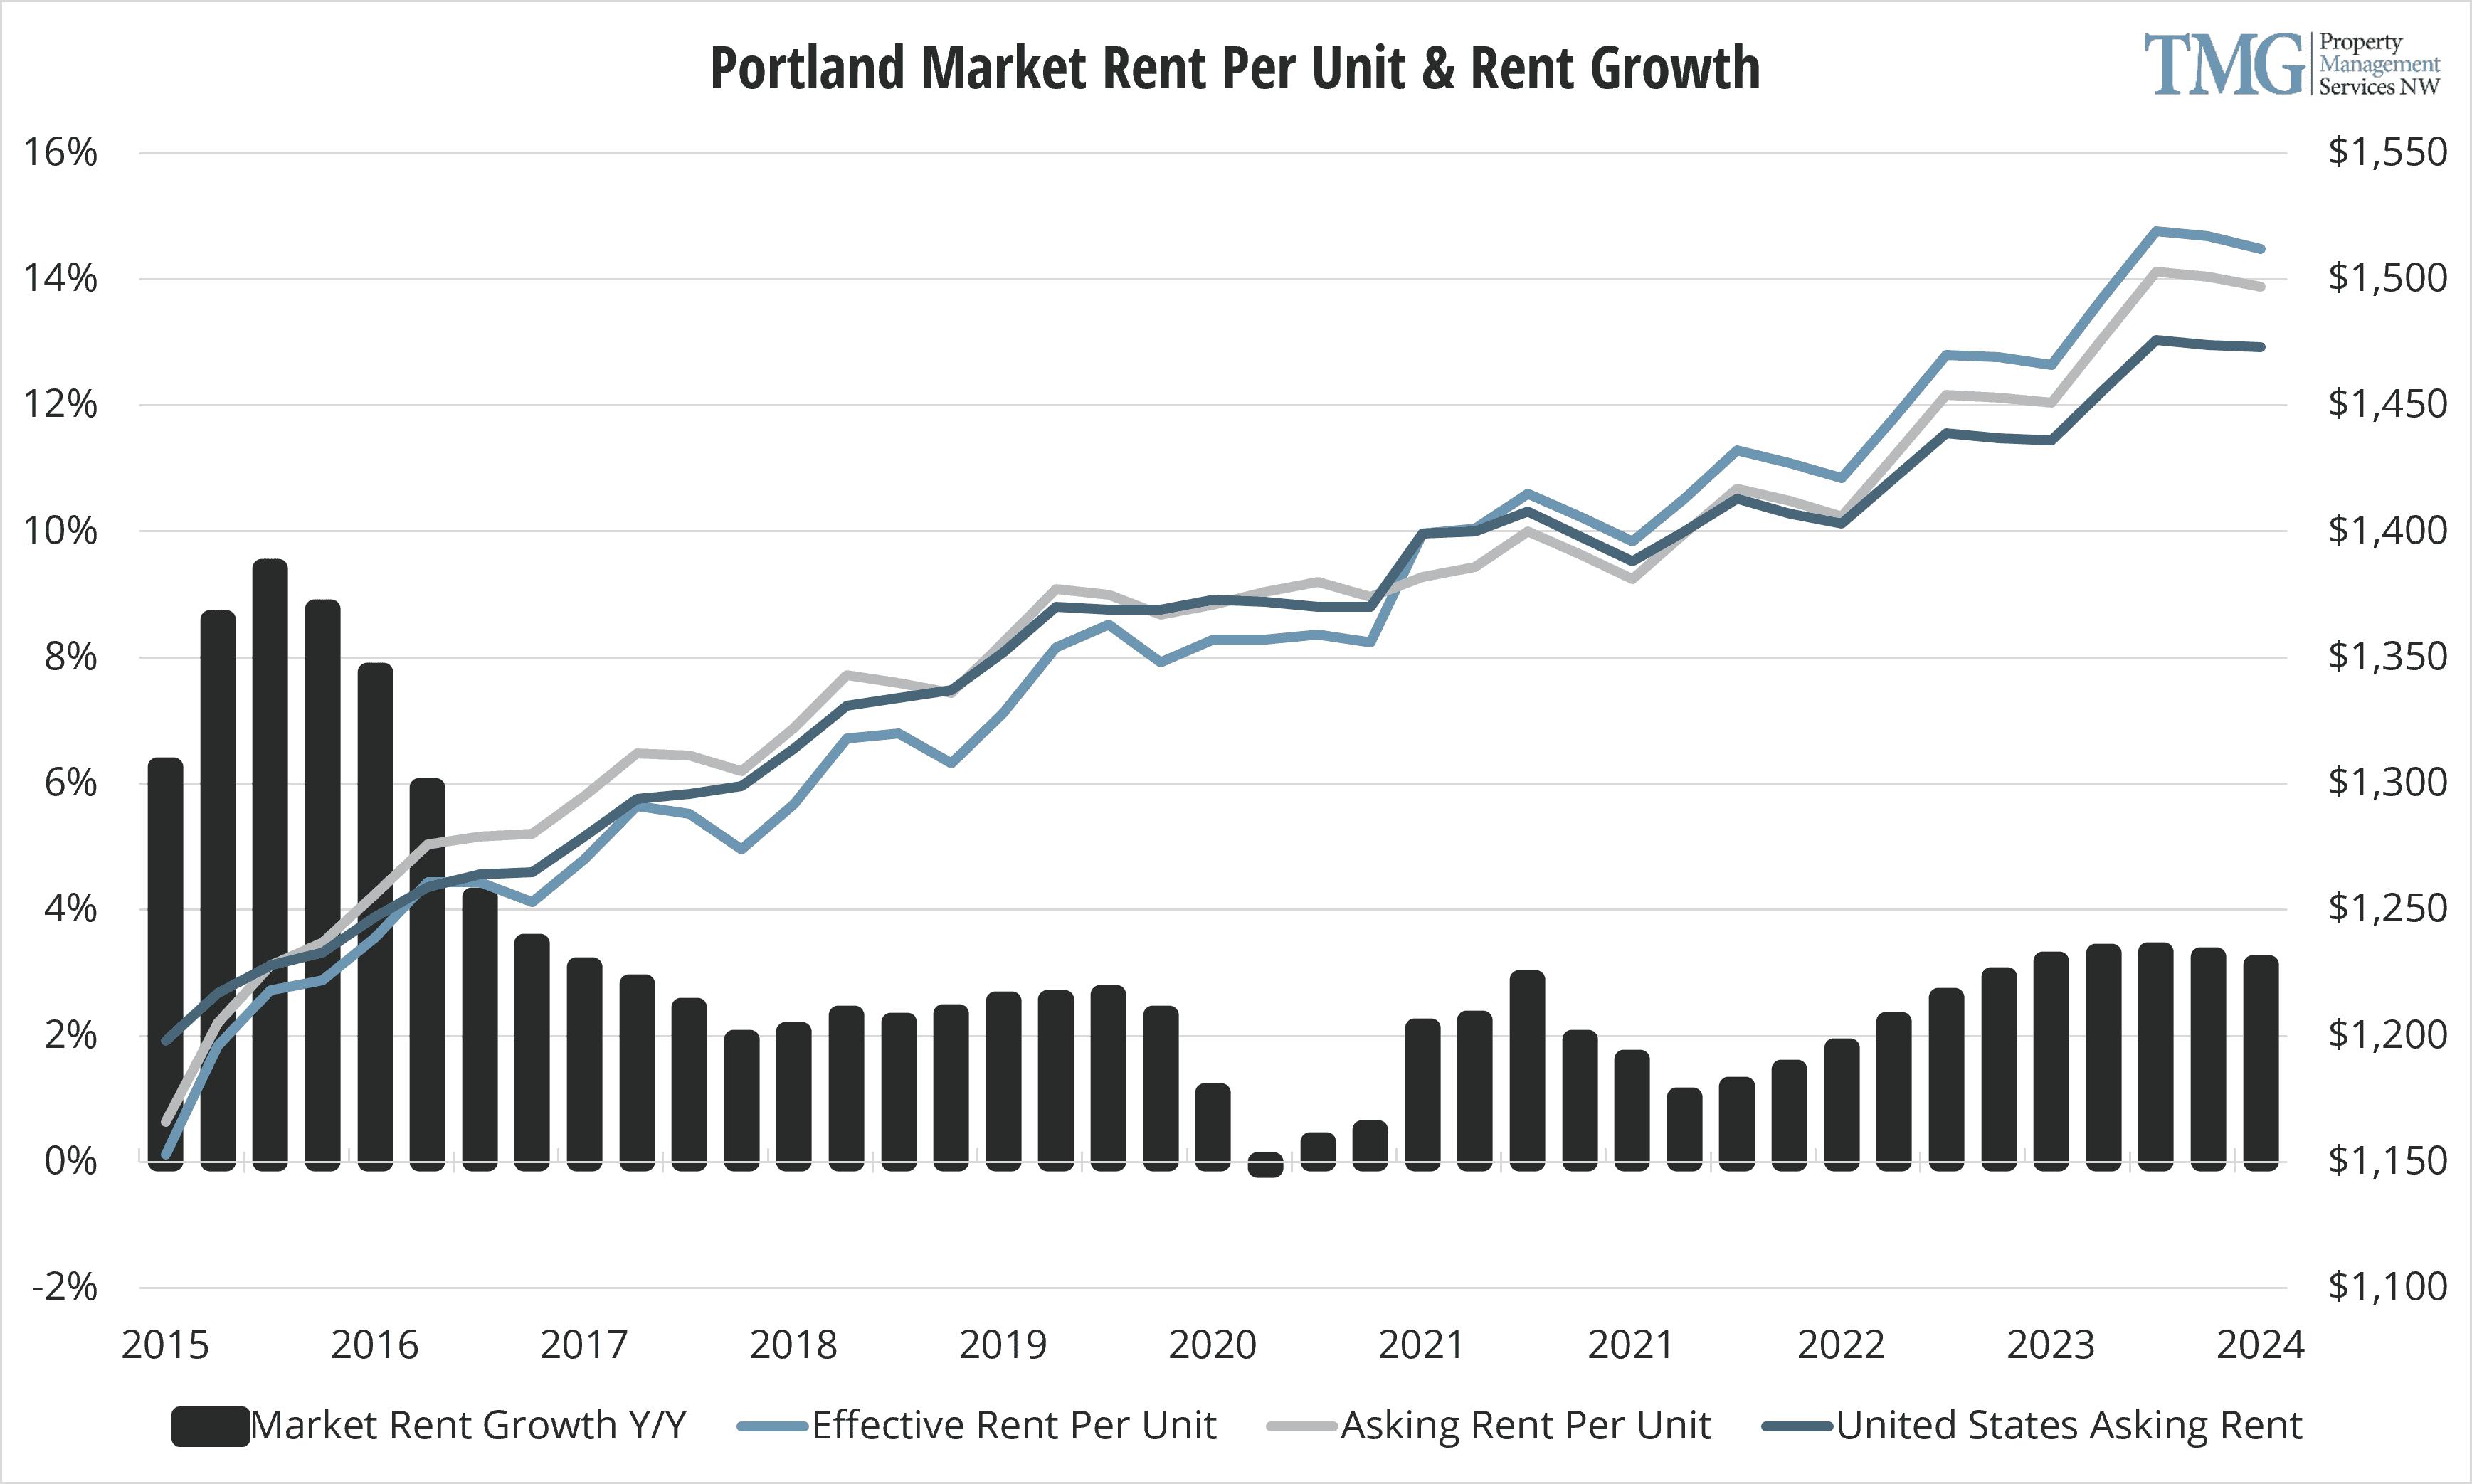 Portland Q1 2021 Rent Per Unit and Rent Growth